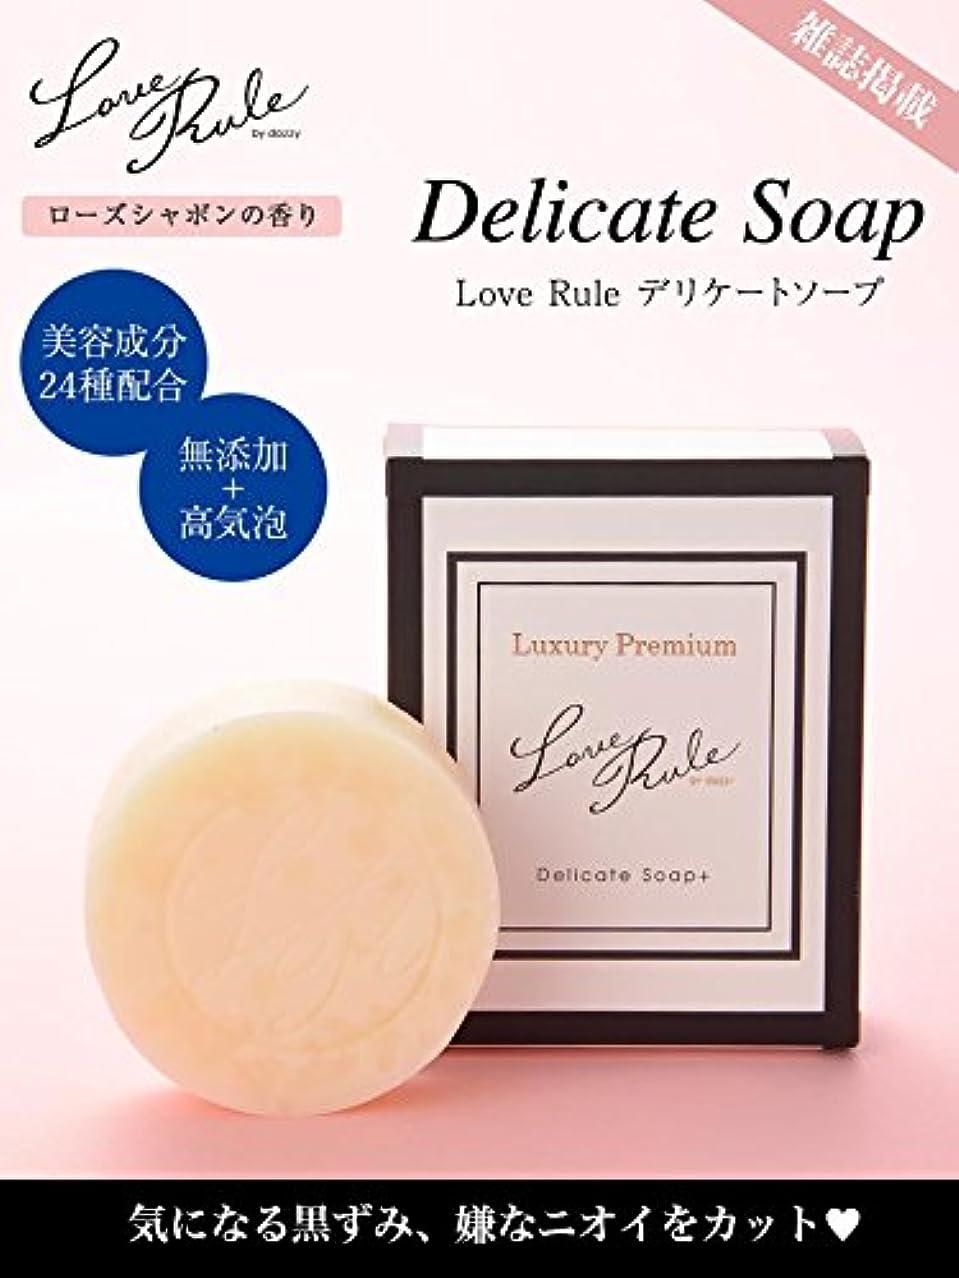 パステル誘導角度Love Rule デリケートゾーン ソープ プラス 美容成分24種配合 石鹸